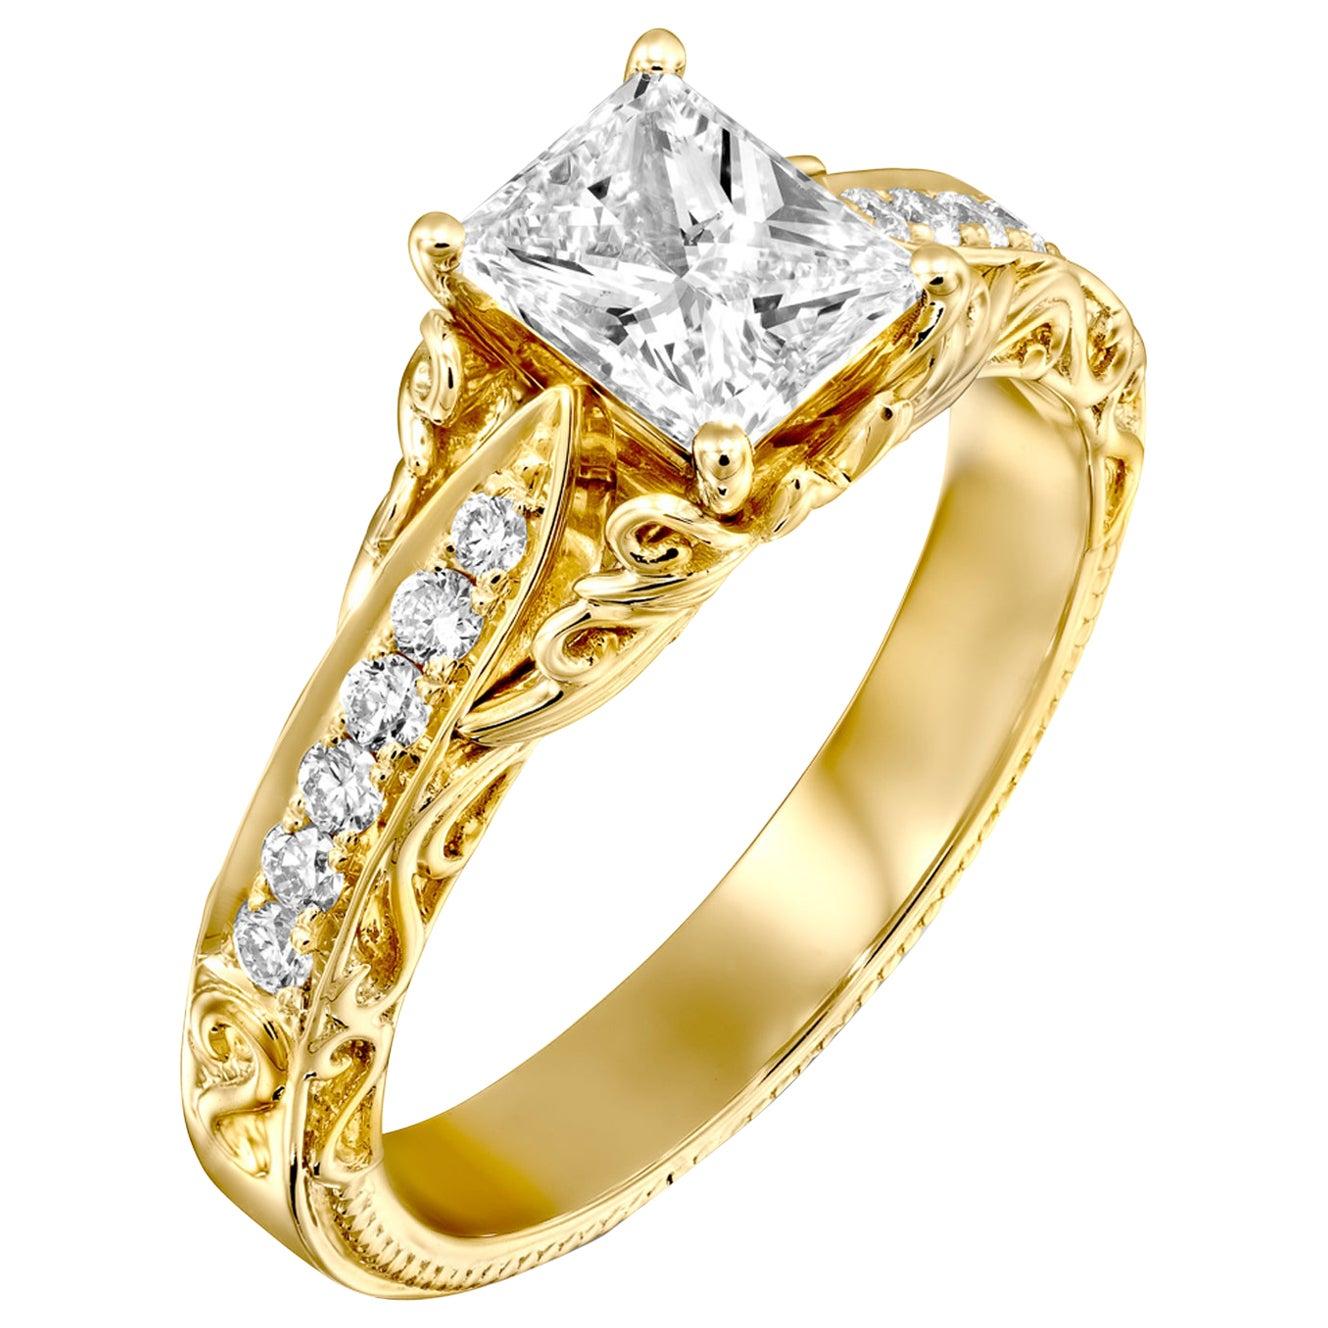 2 1/4 Carat Radiant Cut Ring, 18 Karat Yellow Gold Vintage Diamond Ring